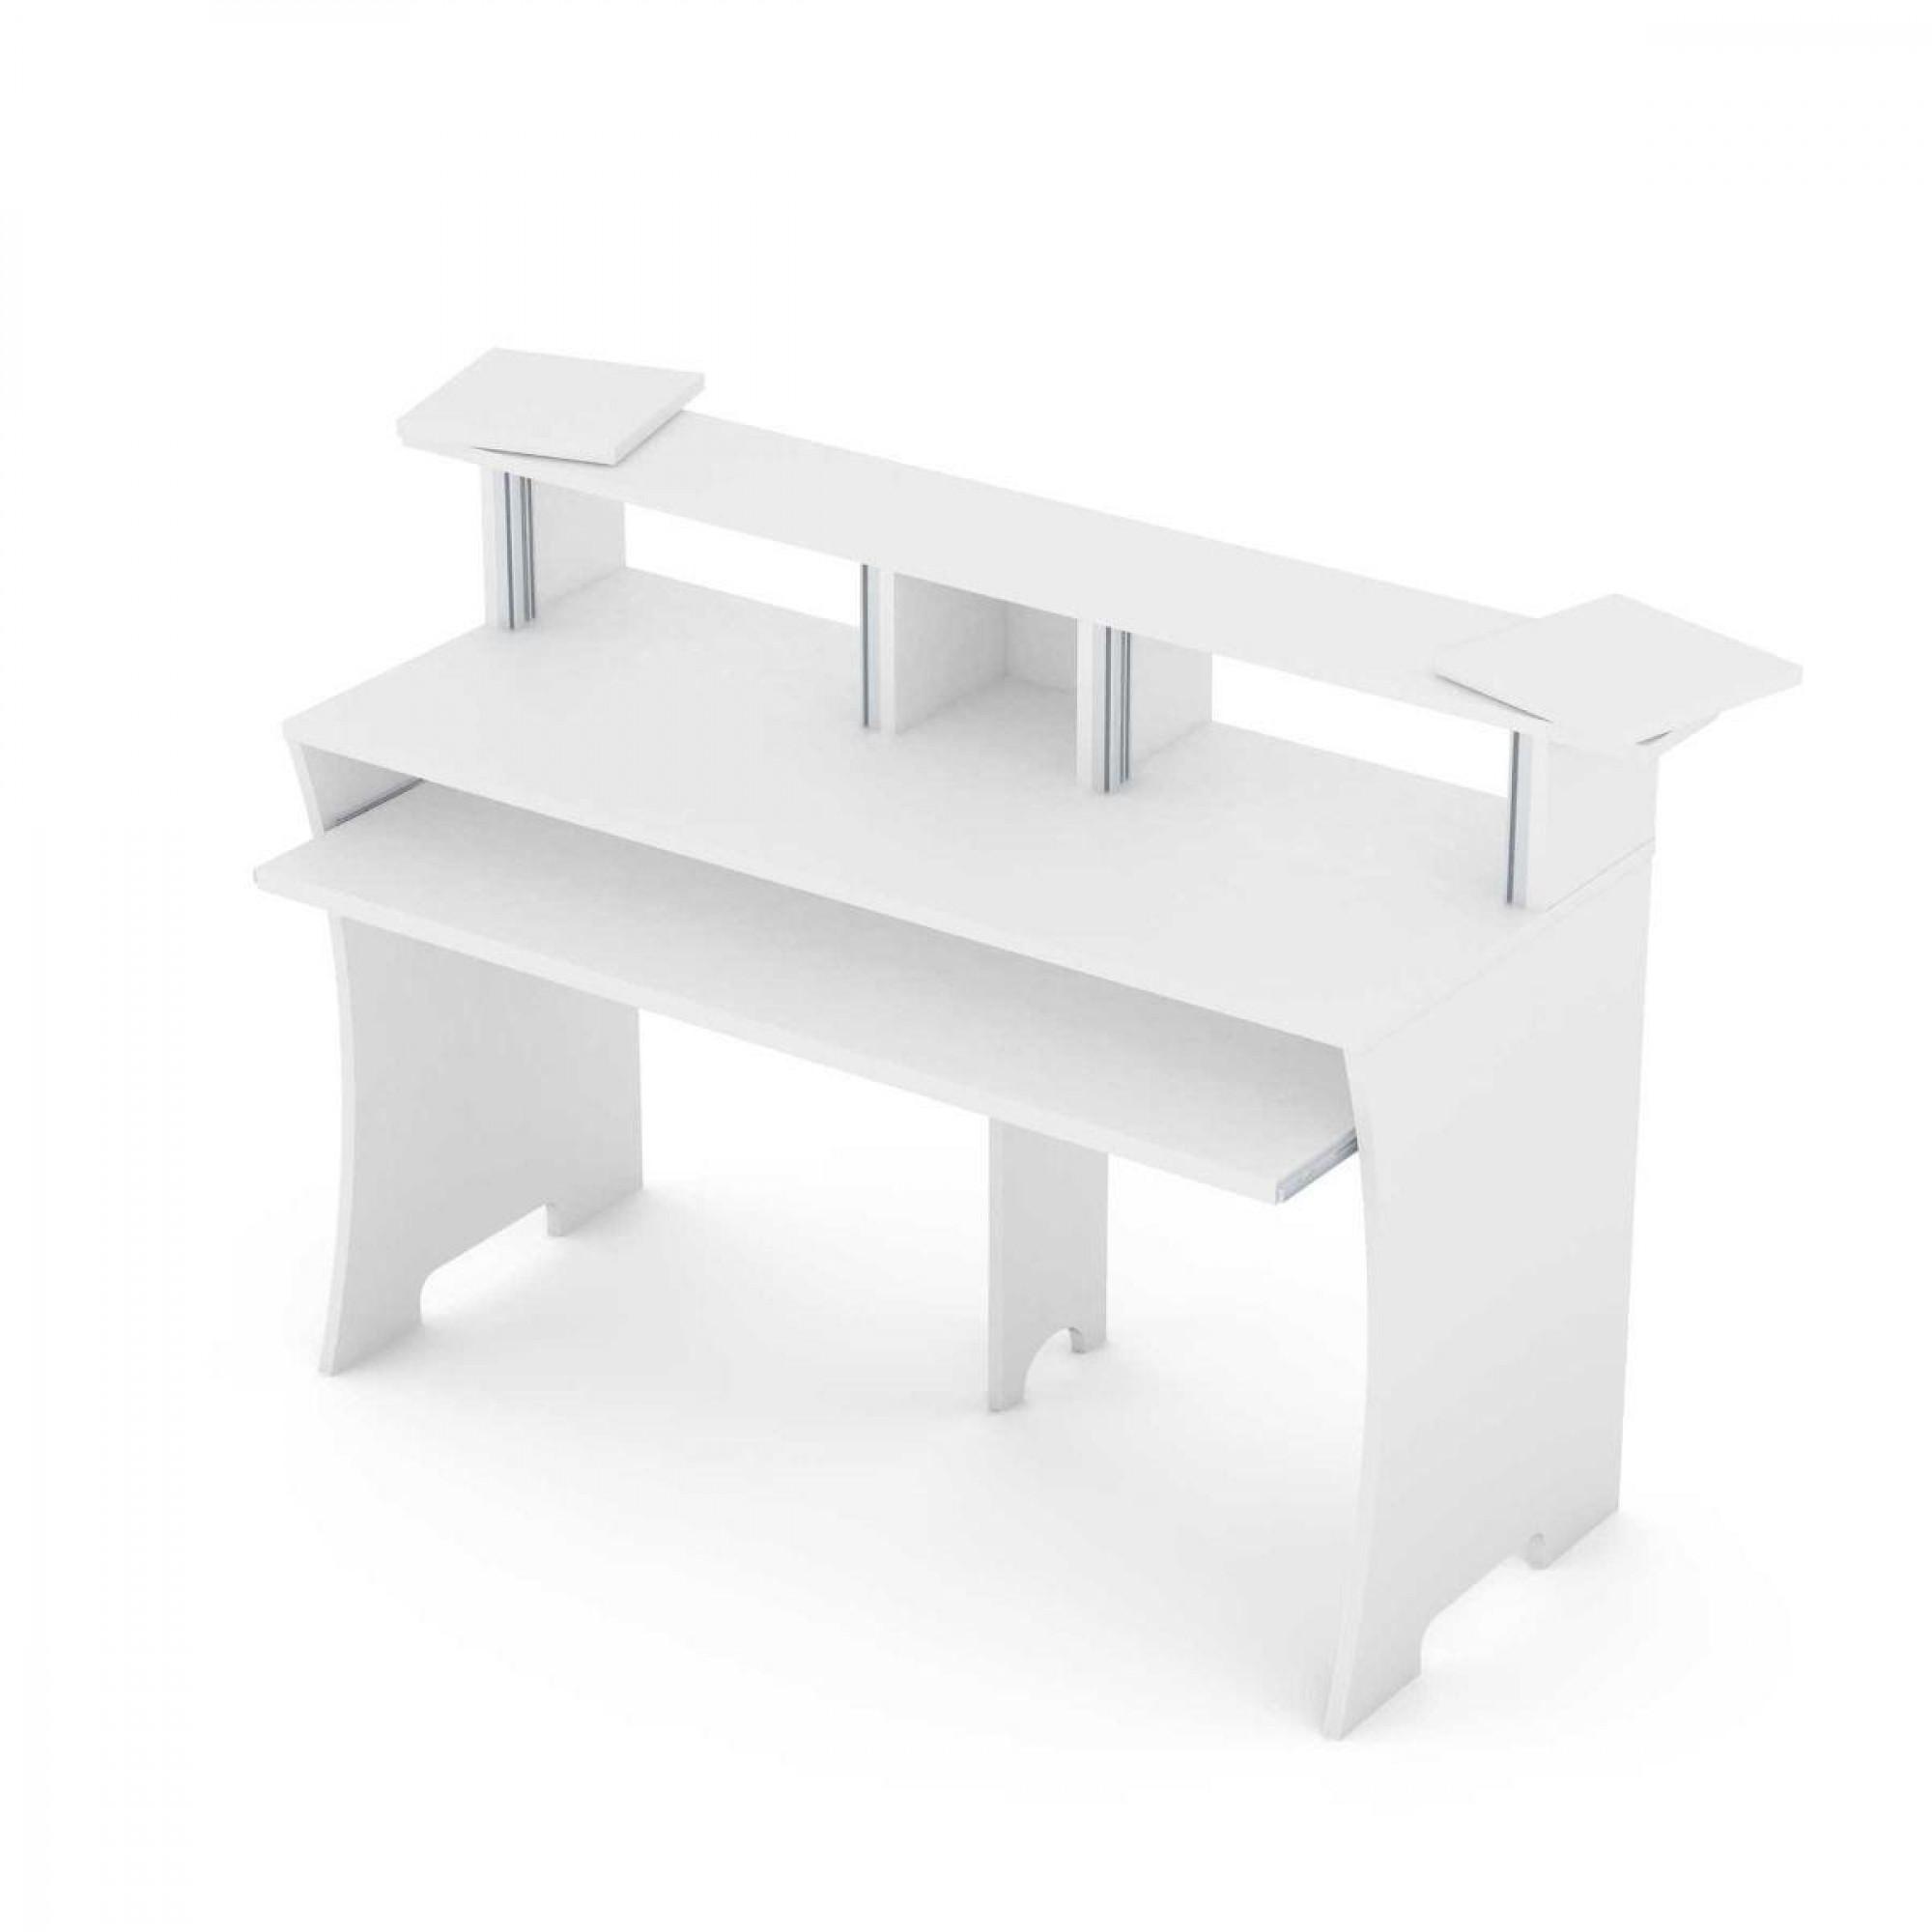 GLORIOUS Workbench white